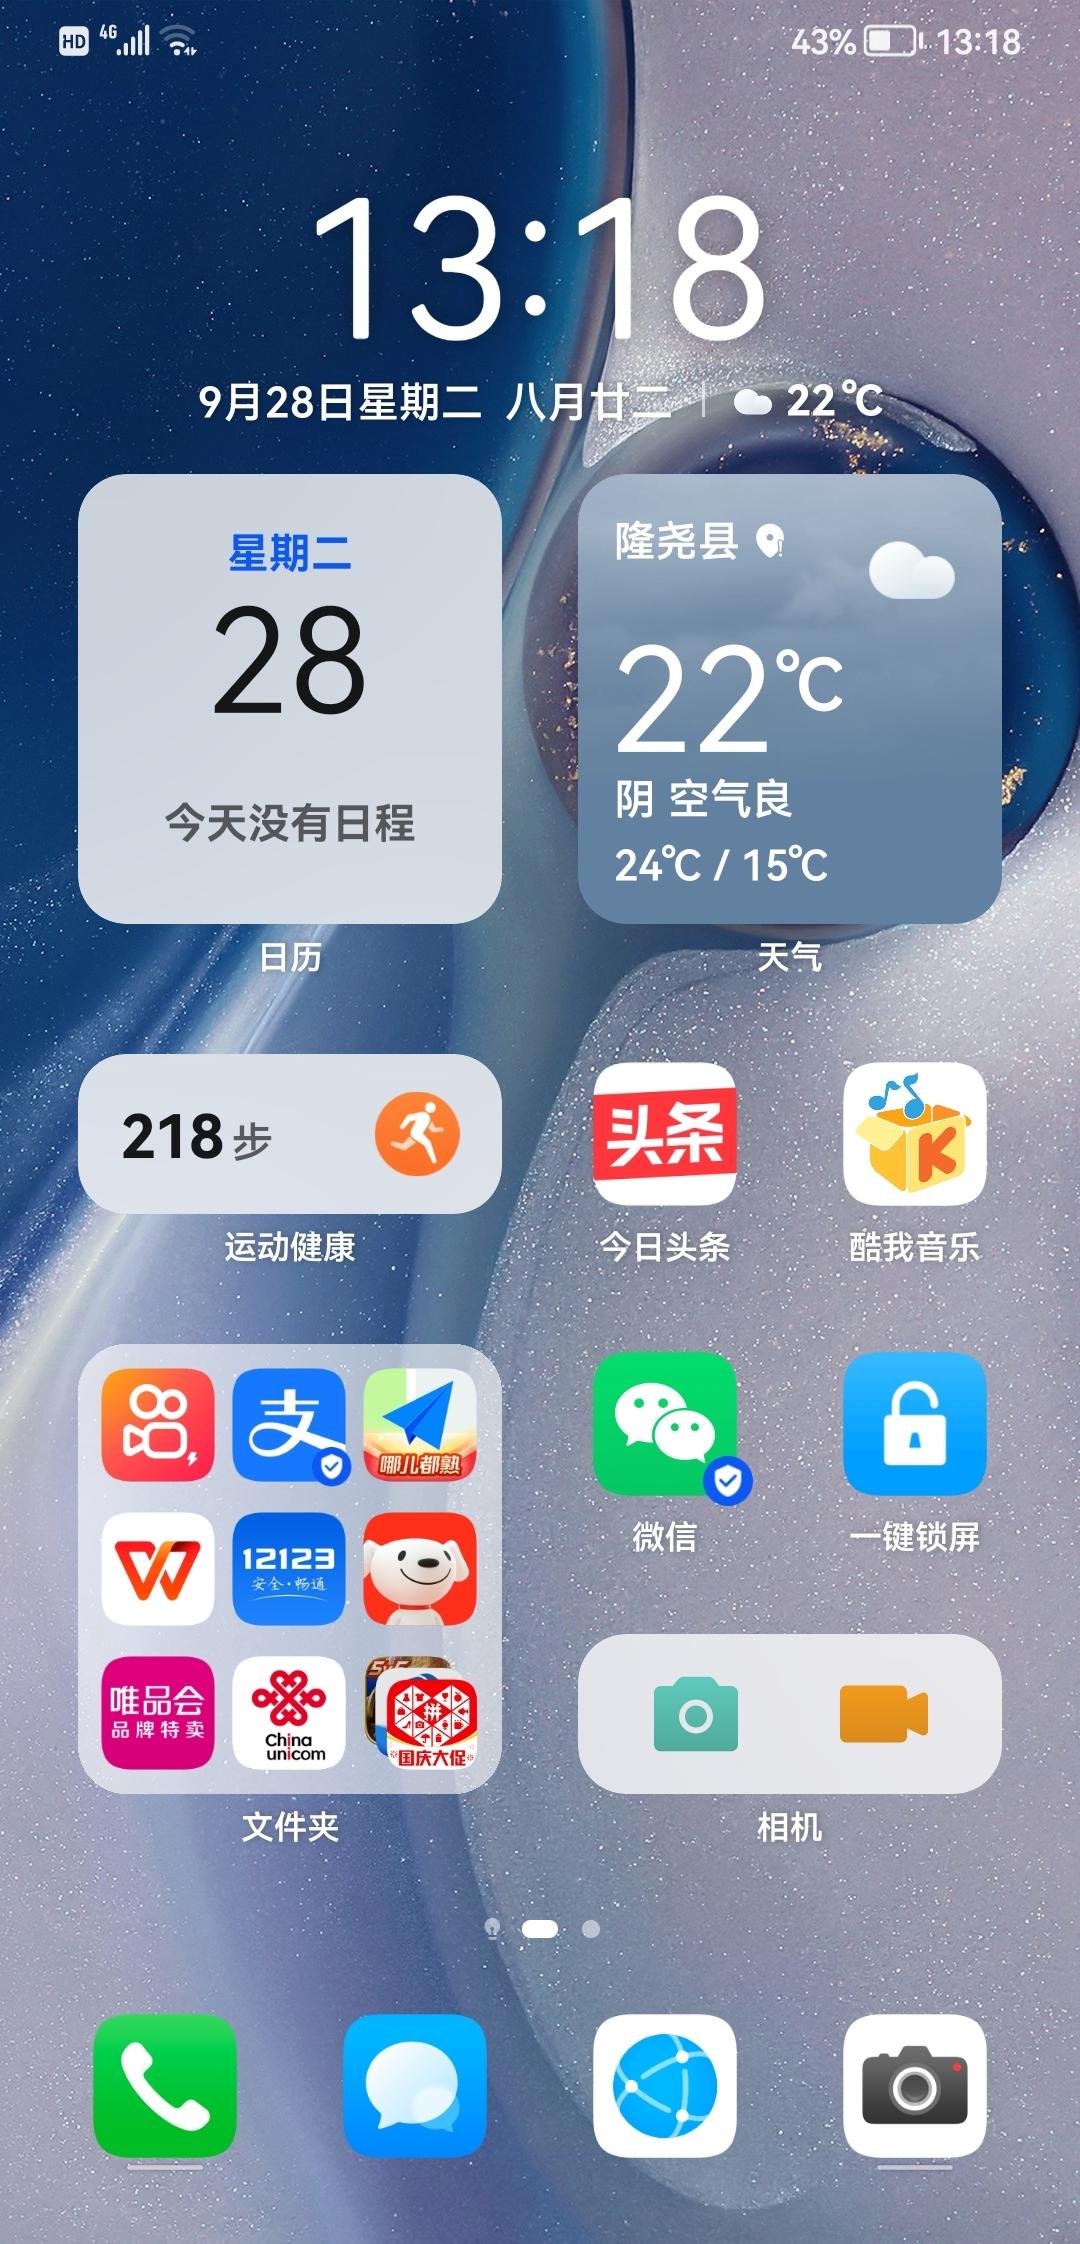 Screenshot_20210928_131847_com.huawei.android.launcher.jpg